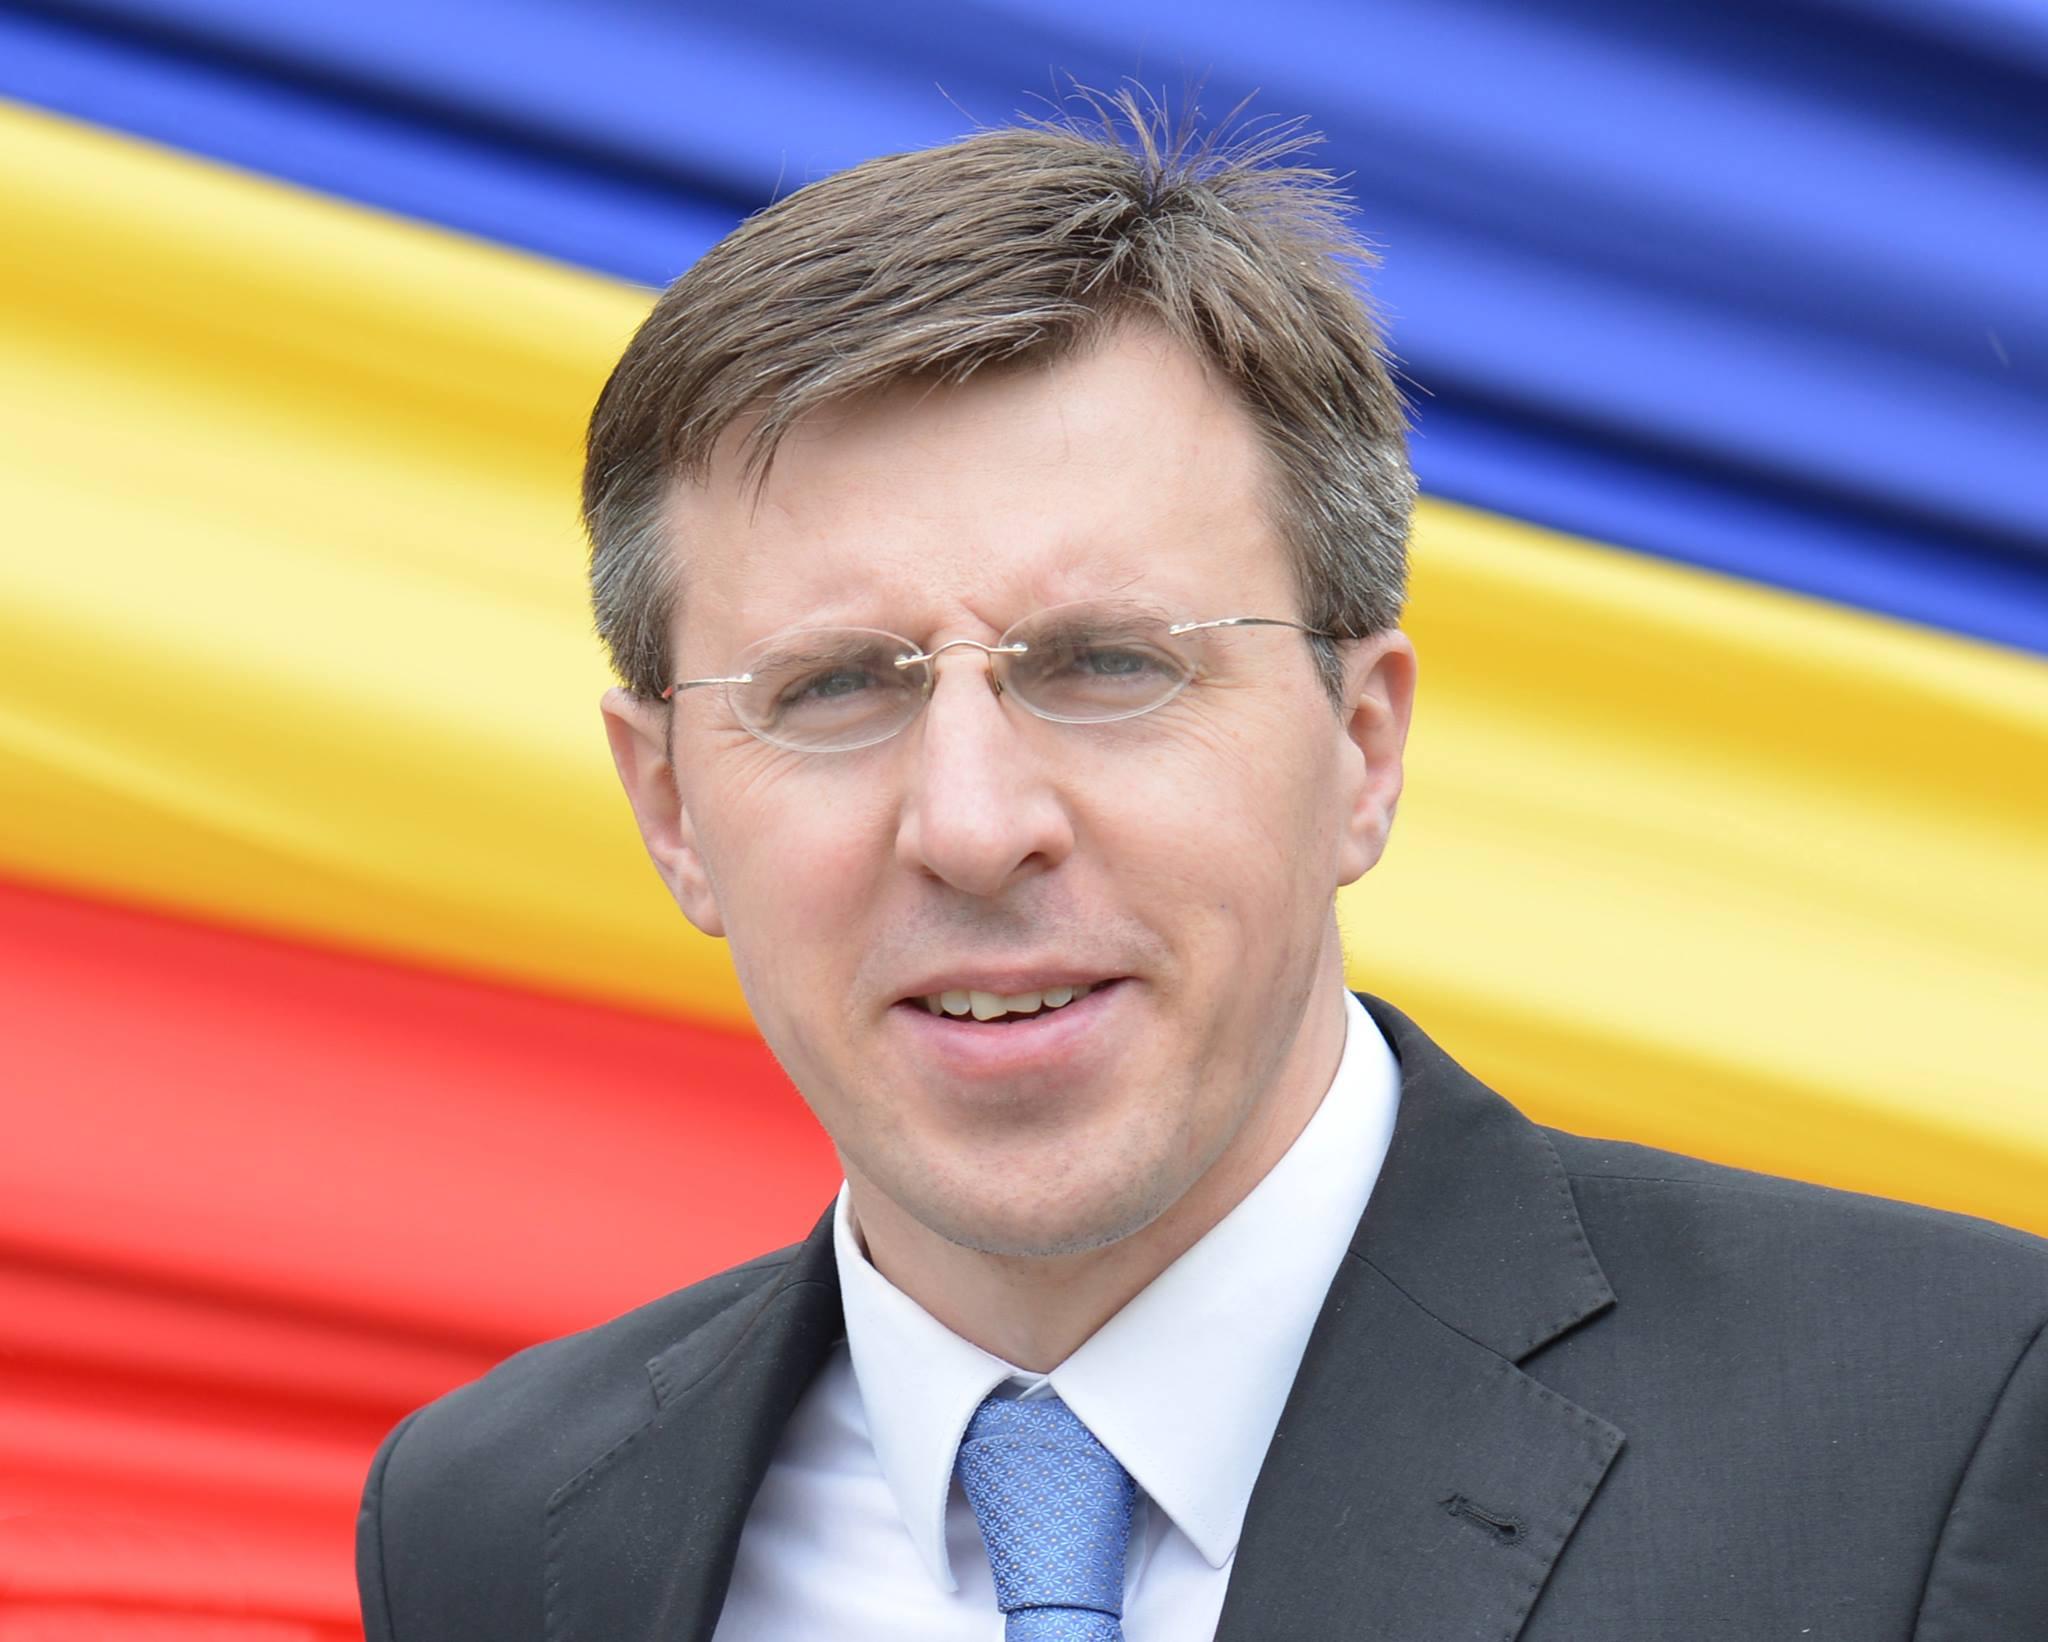 Dorin Chirtoacă: Chișinăul dacă ar putea vorbi, la câte i-a fost dat să vadă de-a lungul istoriei, ne-ar spune multe